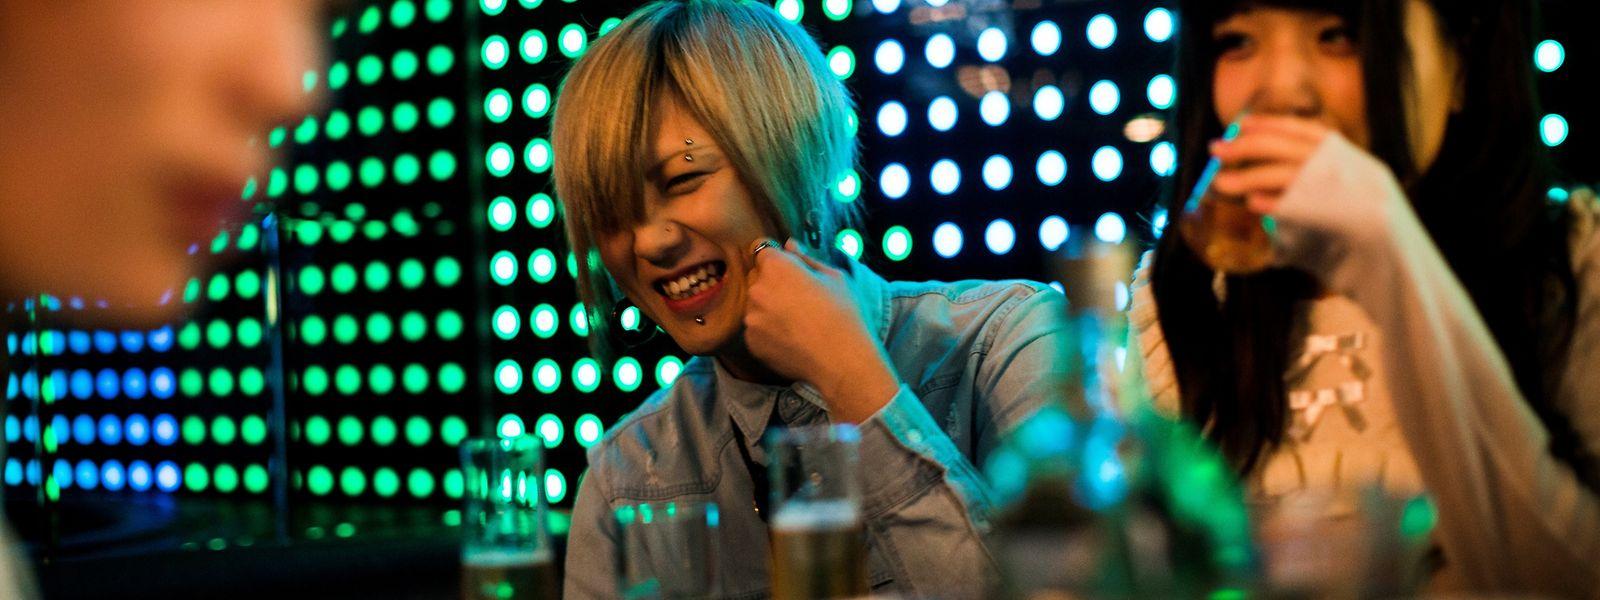 """Allein, aber nicht einsam: Zuneigung ohne sexuelle Kontakte und ein offenes Ohr bieten sogenannte """"Hosts"""" – männliche oder weibliche Hostessen – in vielen Clubs der japanischen Hauptstadt an."""